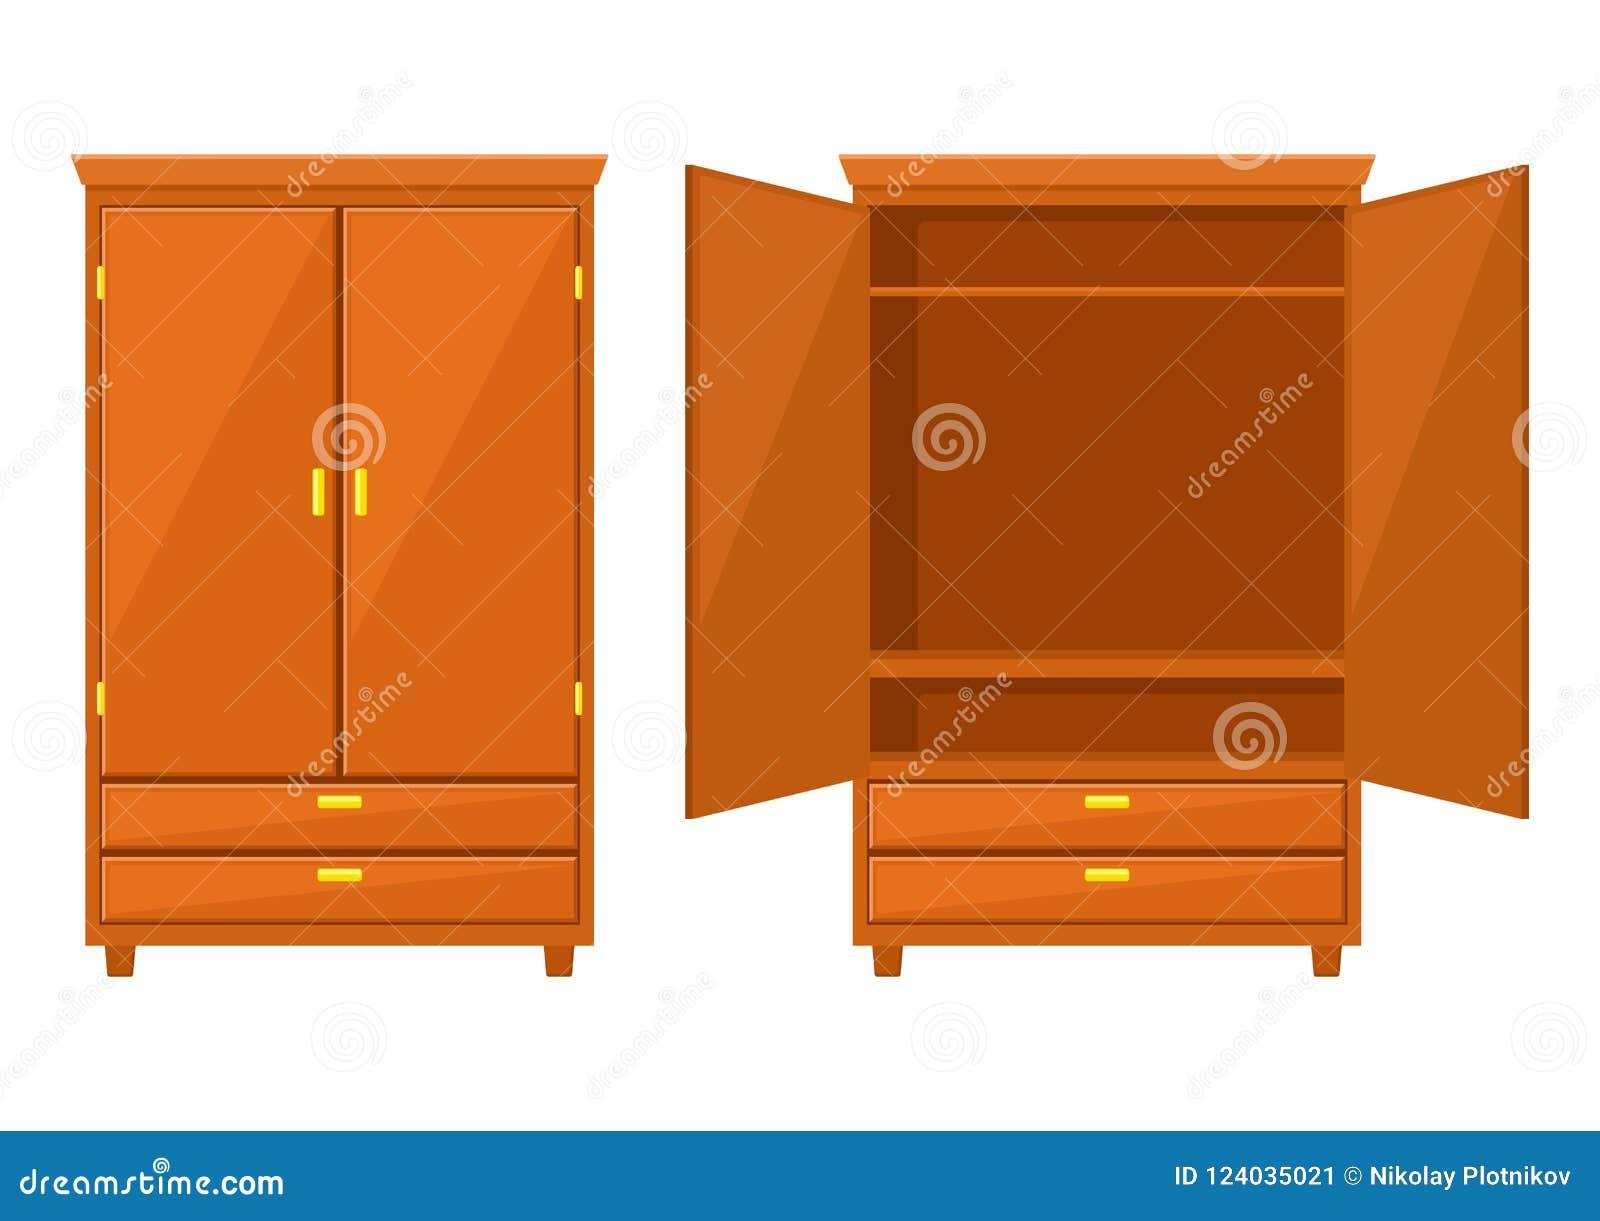 Ανοικτή και ντουλάπα ντουλαπιών που απομονώνεται στο άσπρο υπόβαθρο Φυσικά ξύλινα έπιπλα Εικονίδιο ντουλαπών στο επίπεδο ύφος Δωμ